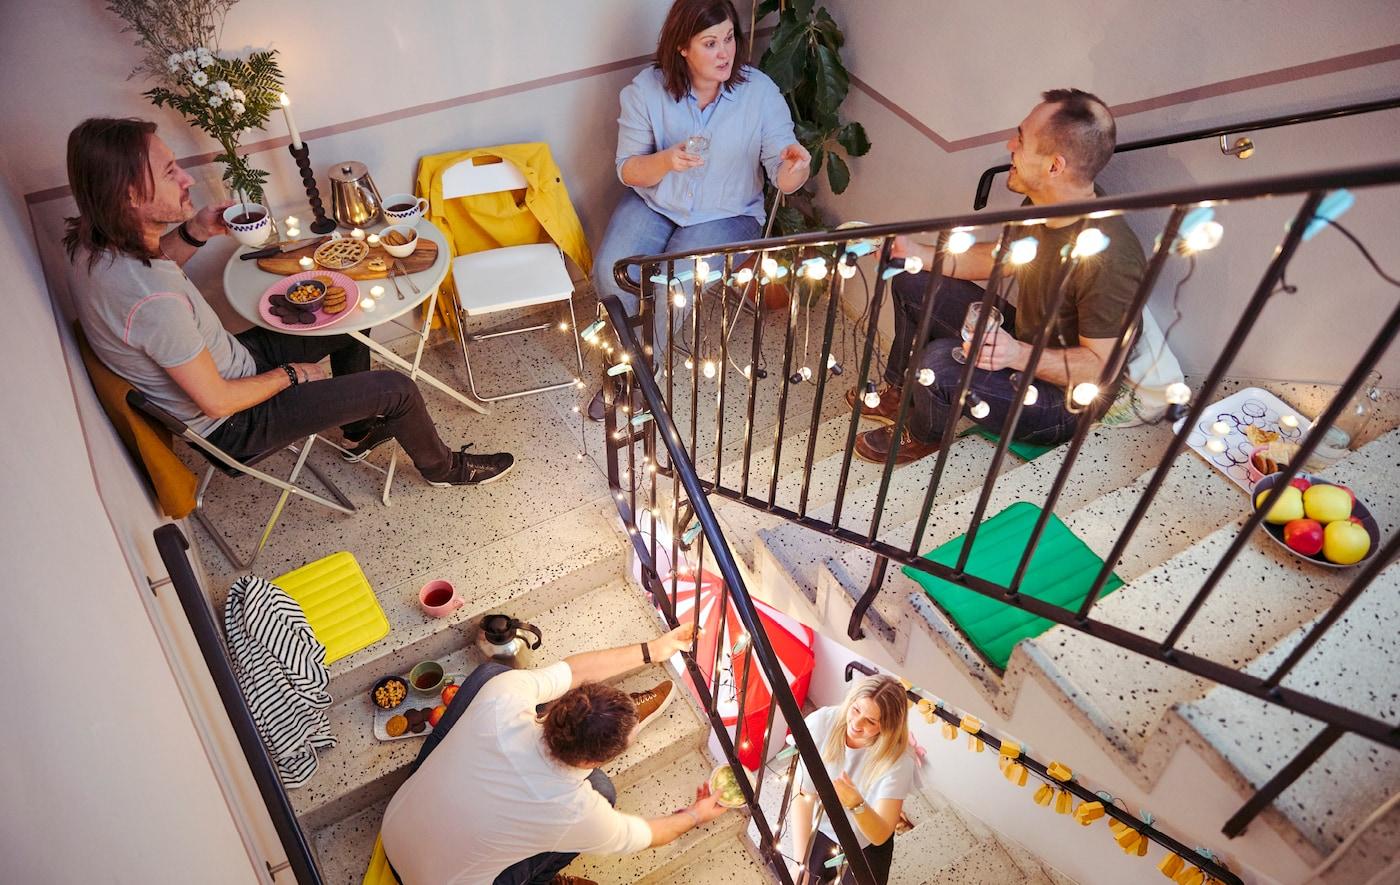 一群男女高低错落地坐在楼梯间里,正一边聊天,一边共享零食。